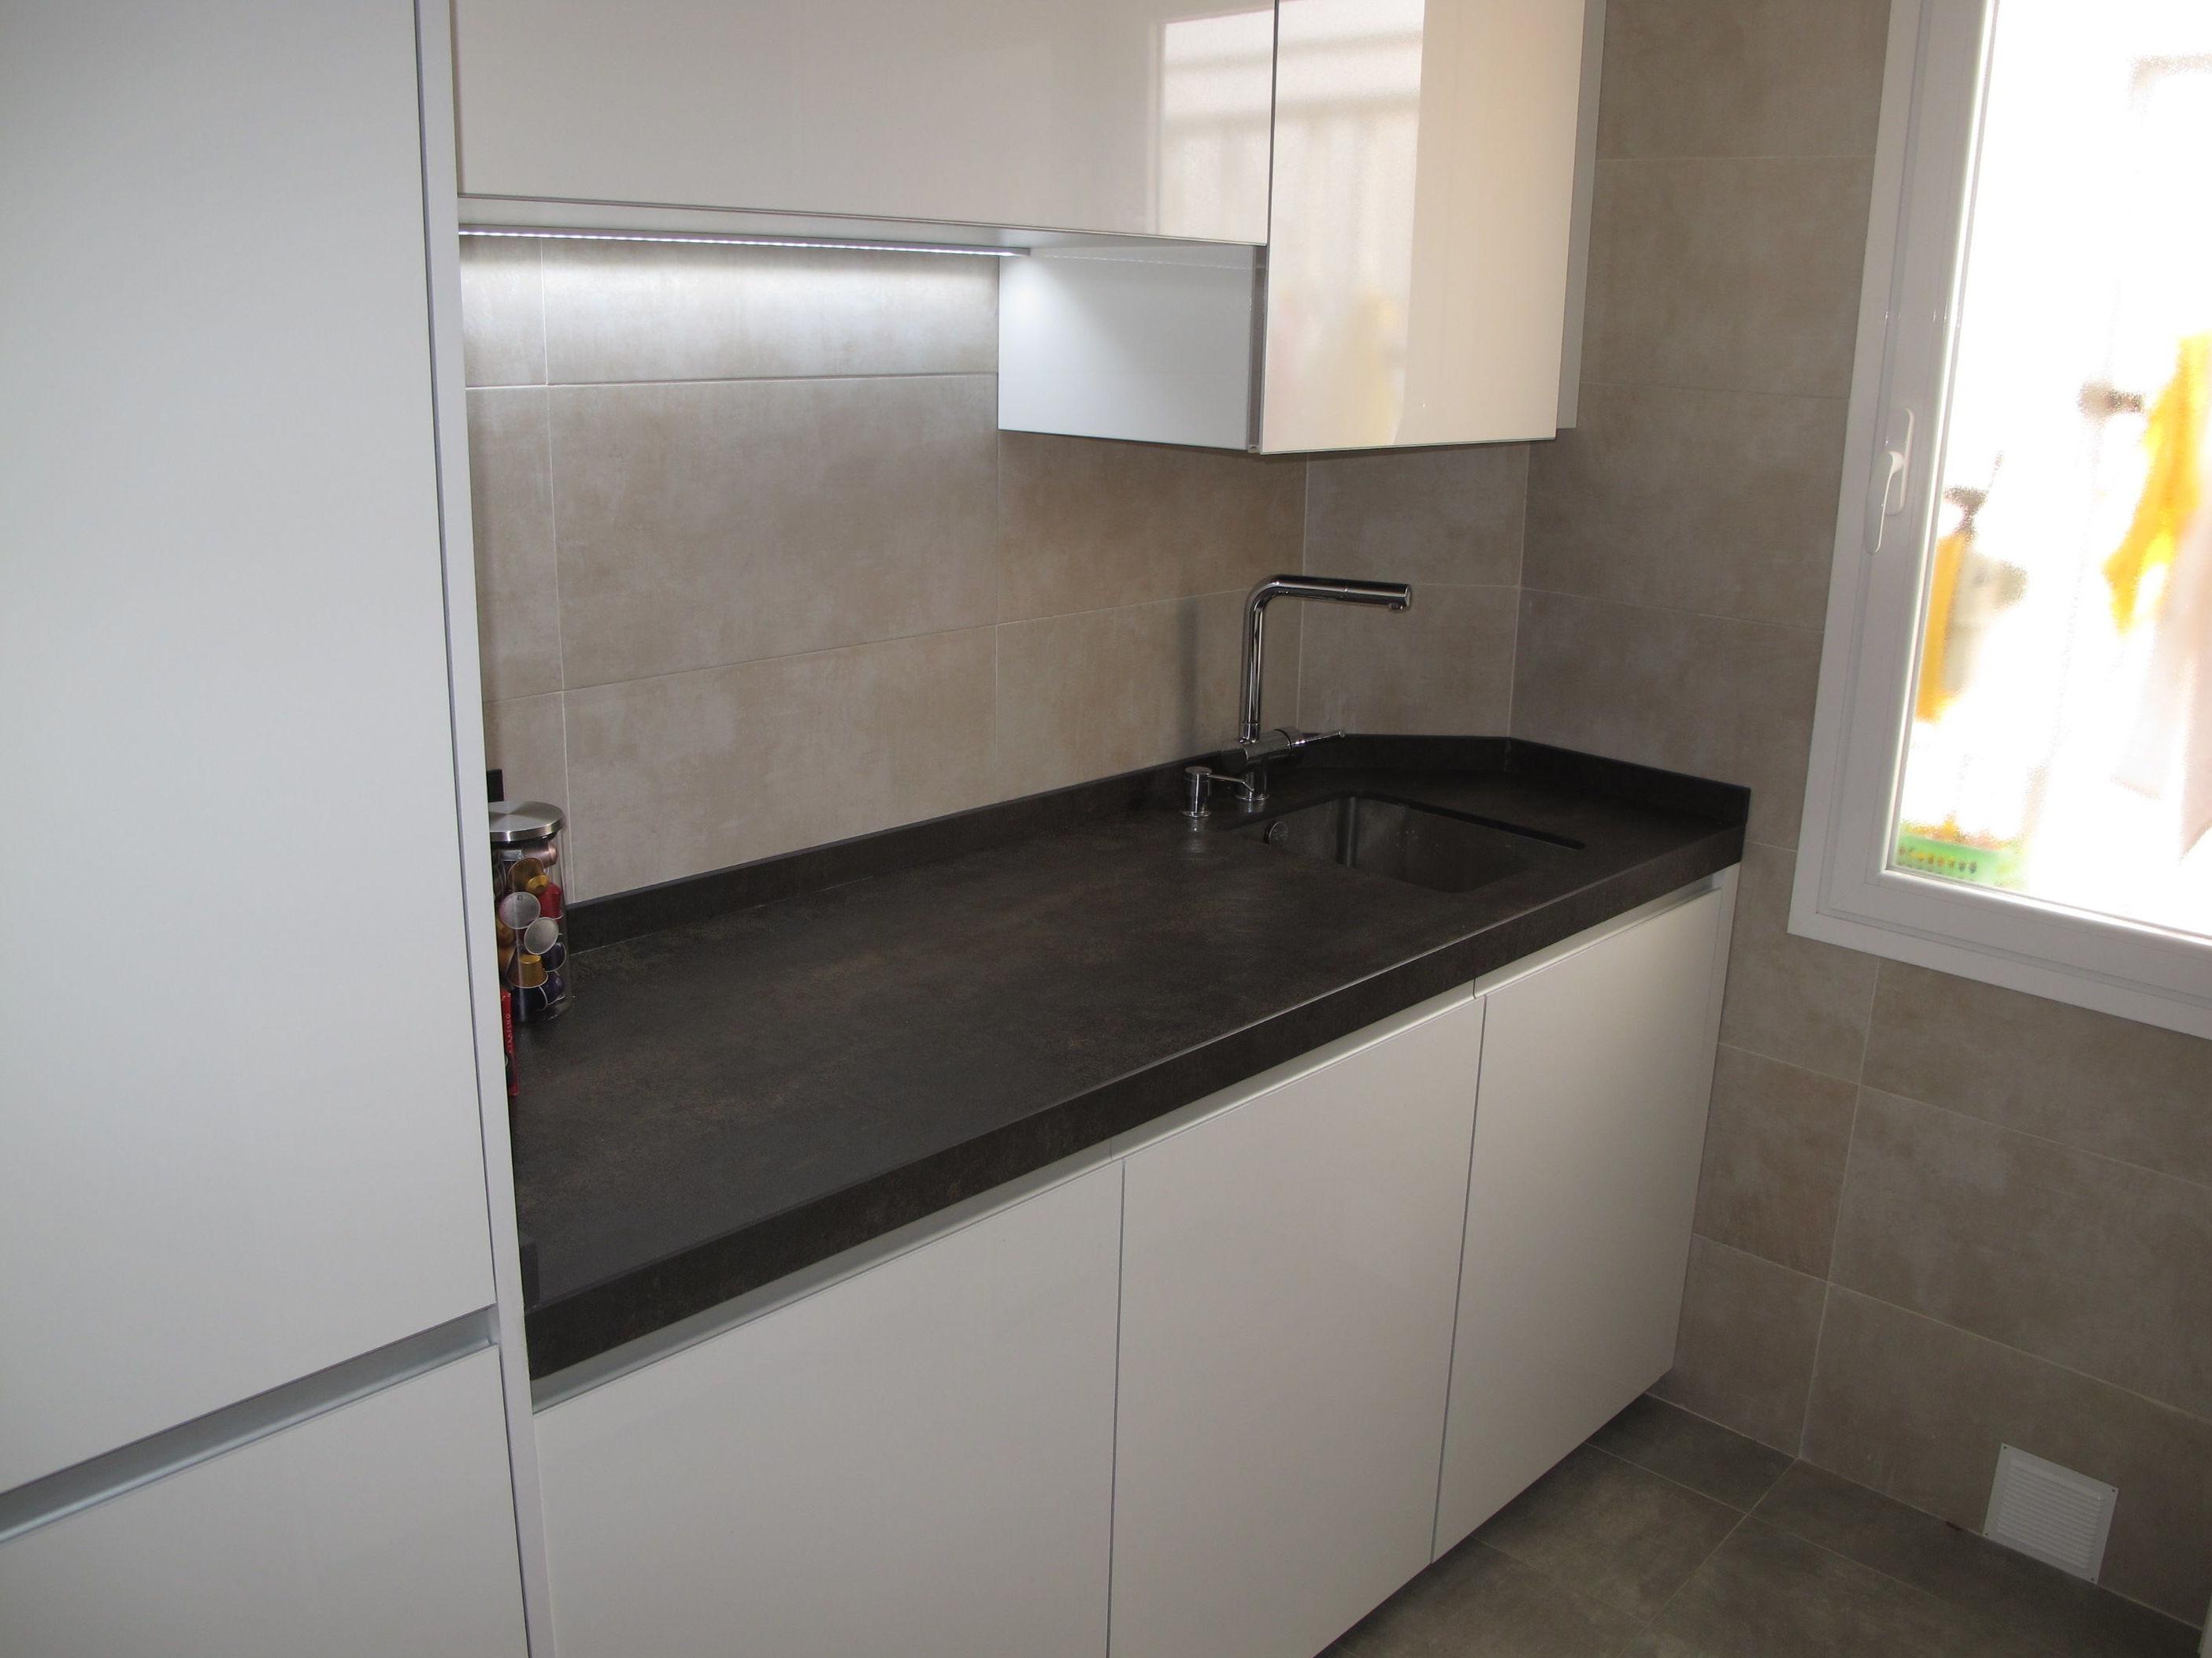 Muebles de cocina Blanco brillo intenso integracion total